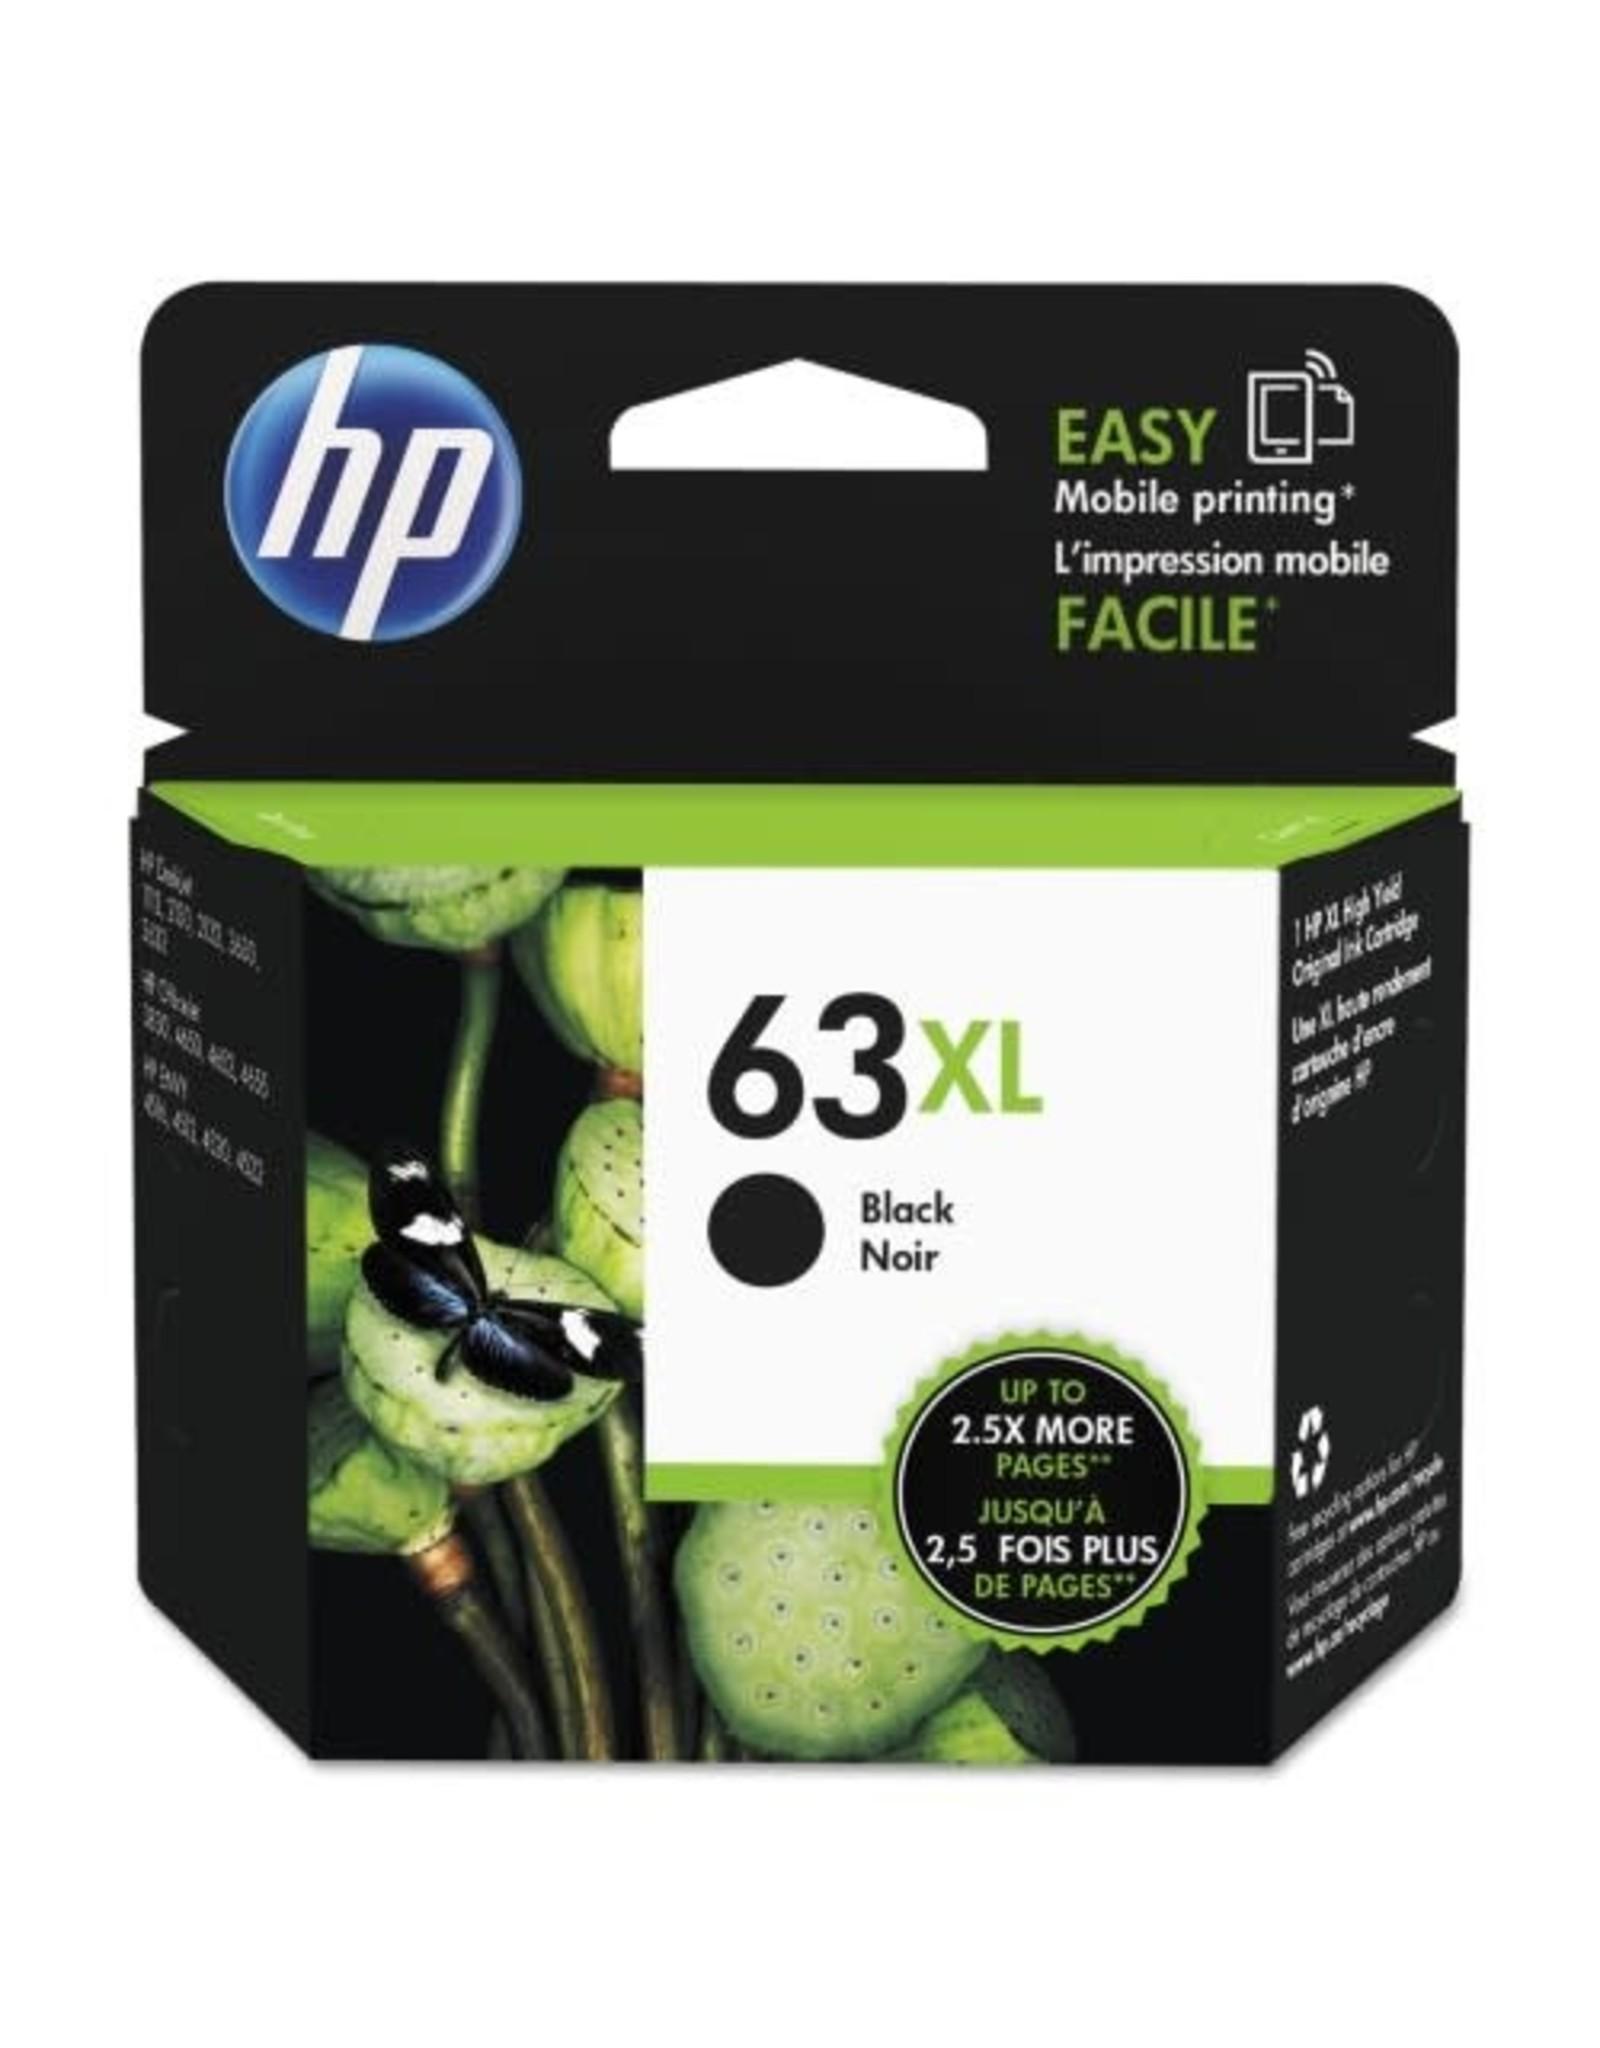 HP INKJET CARTRIDGE-HP #63XL BLACK HIGH YIELD